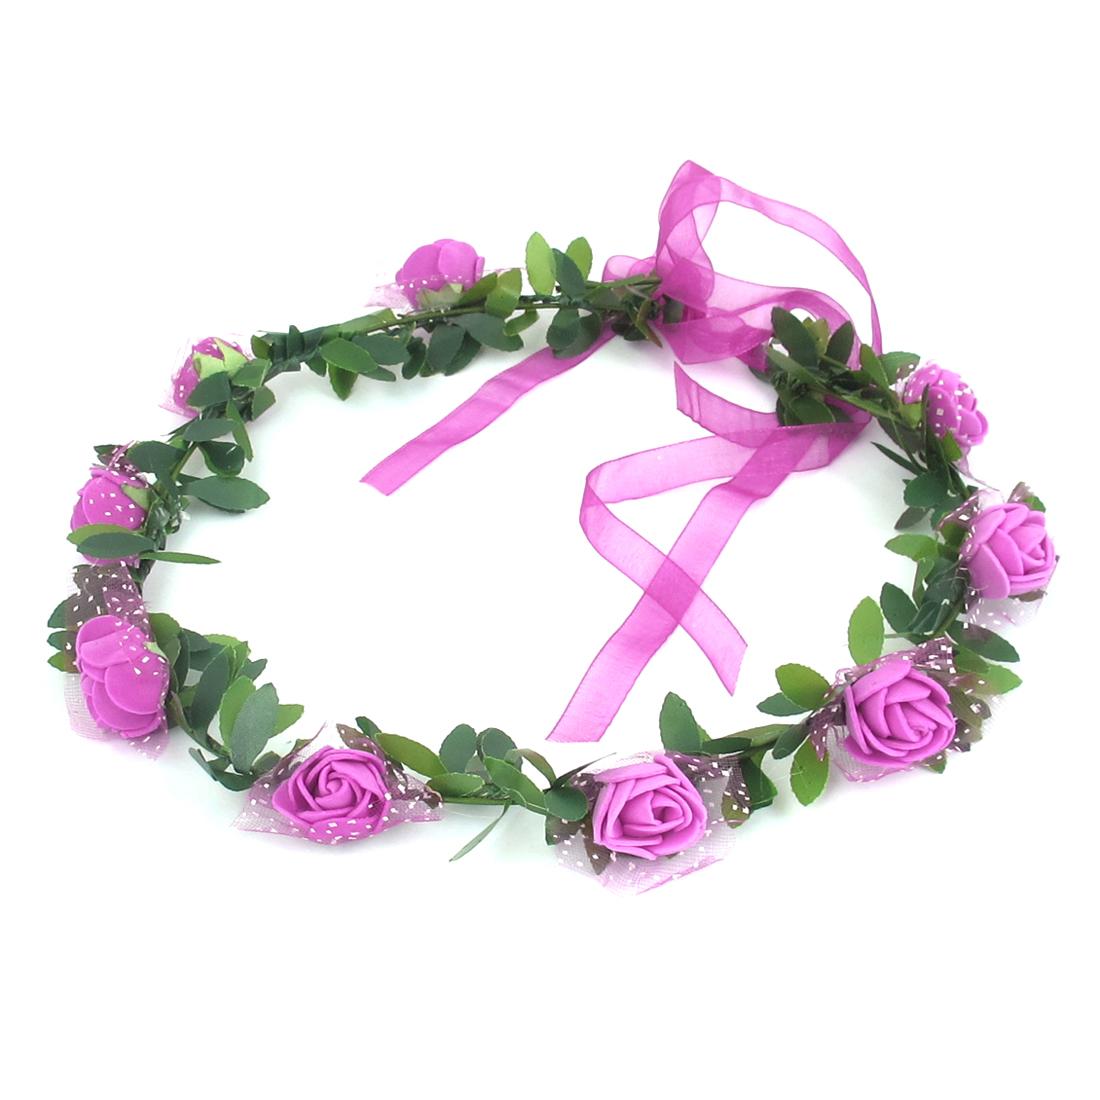 Lady Wedding Party Flower Decor Adjustable Headwear Headdress Hair Crown Wreath Fuchsia